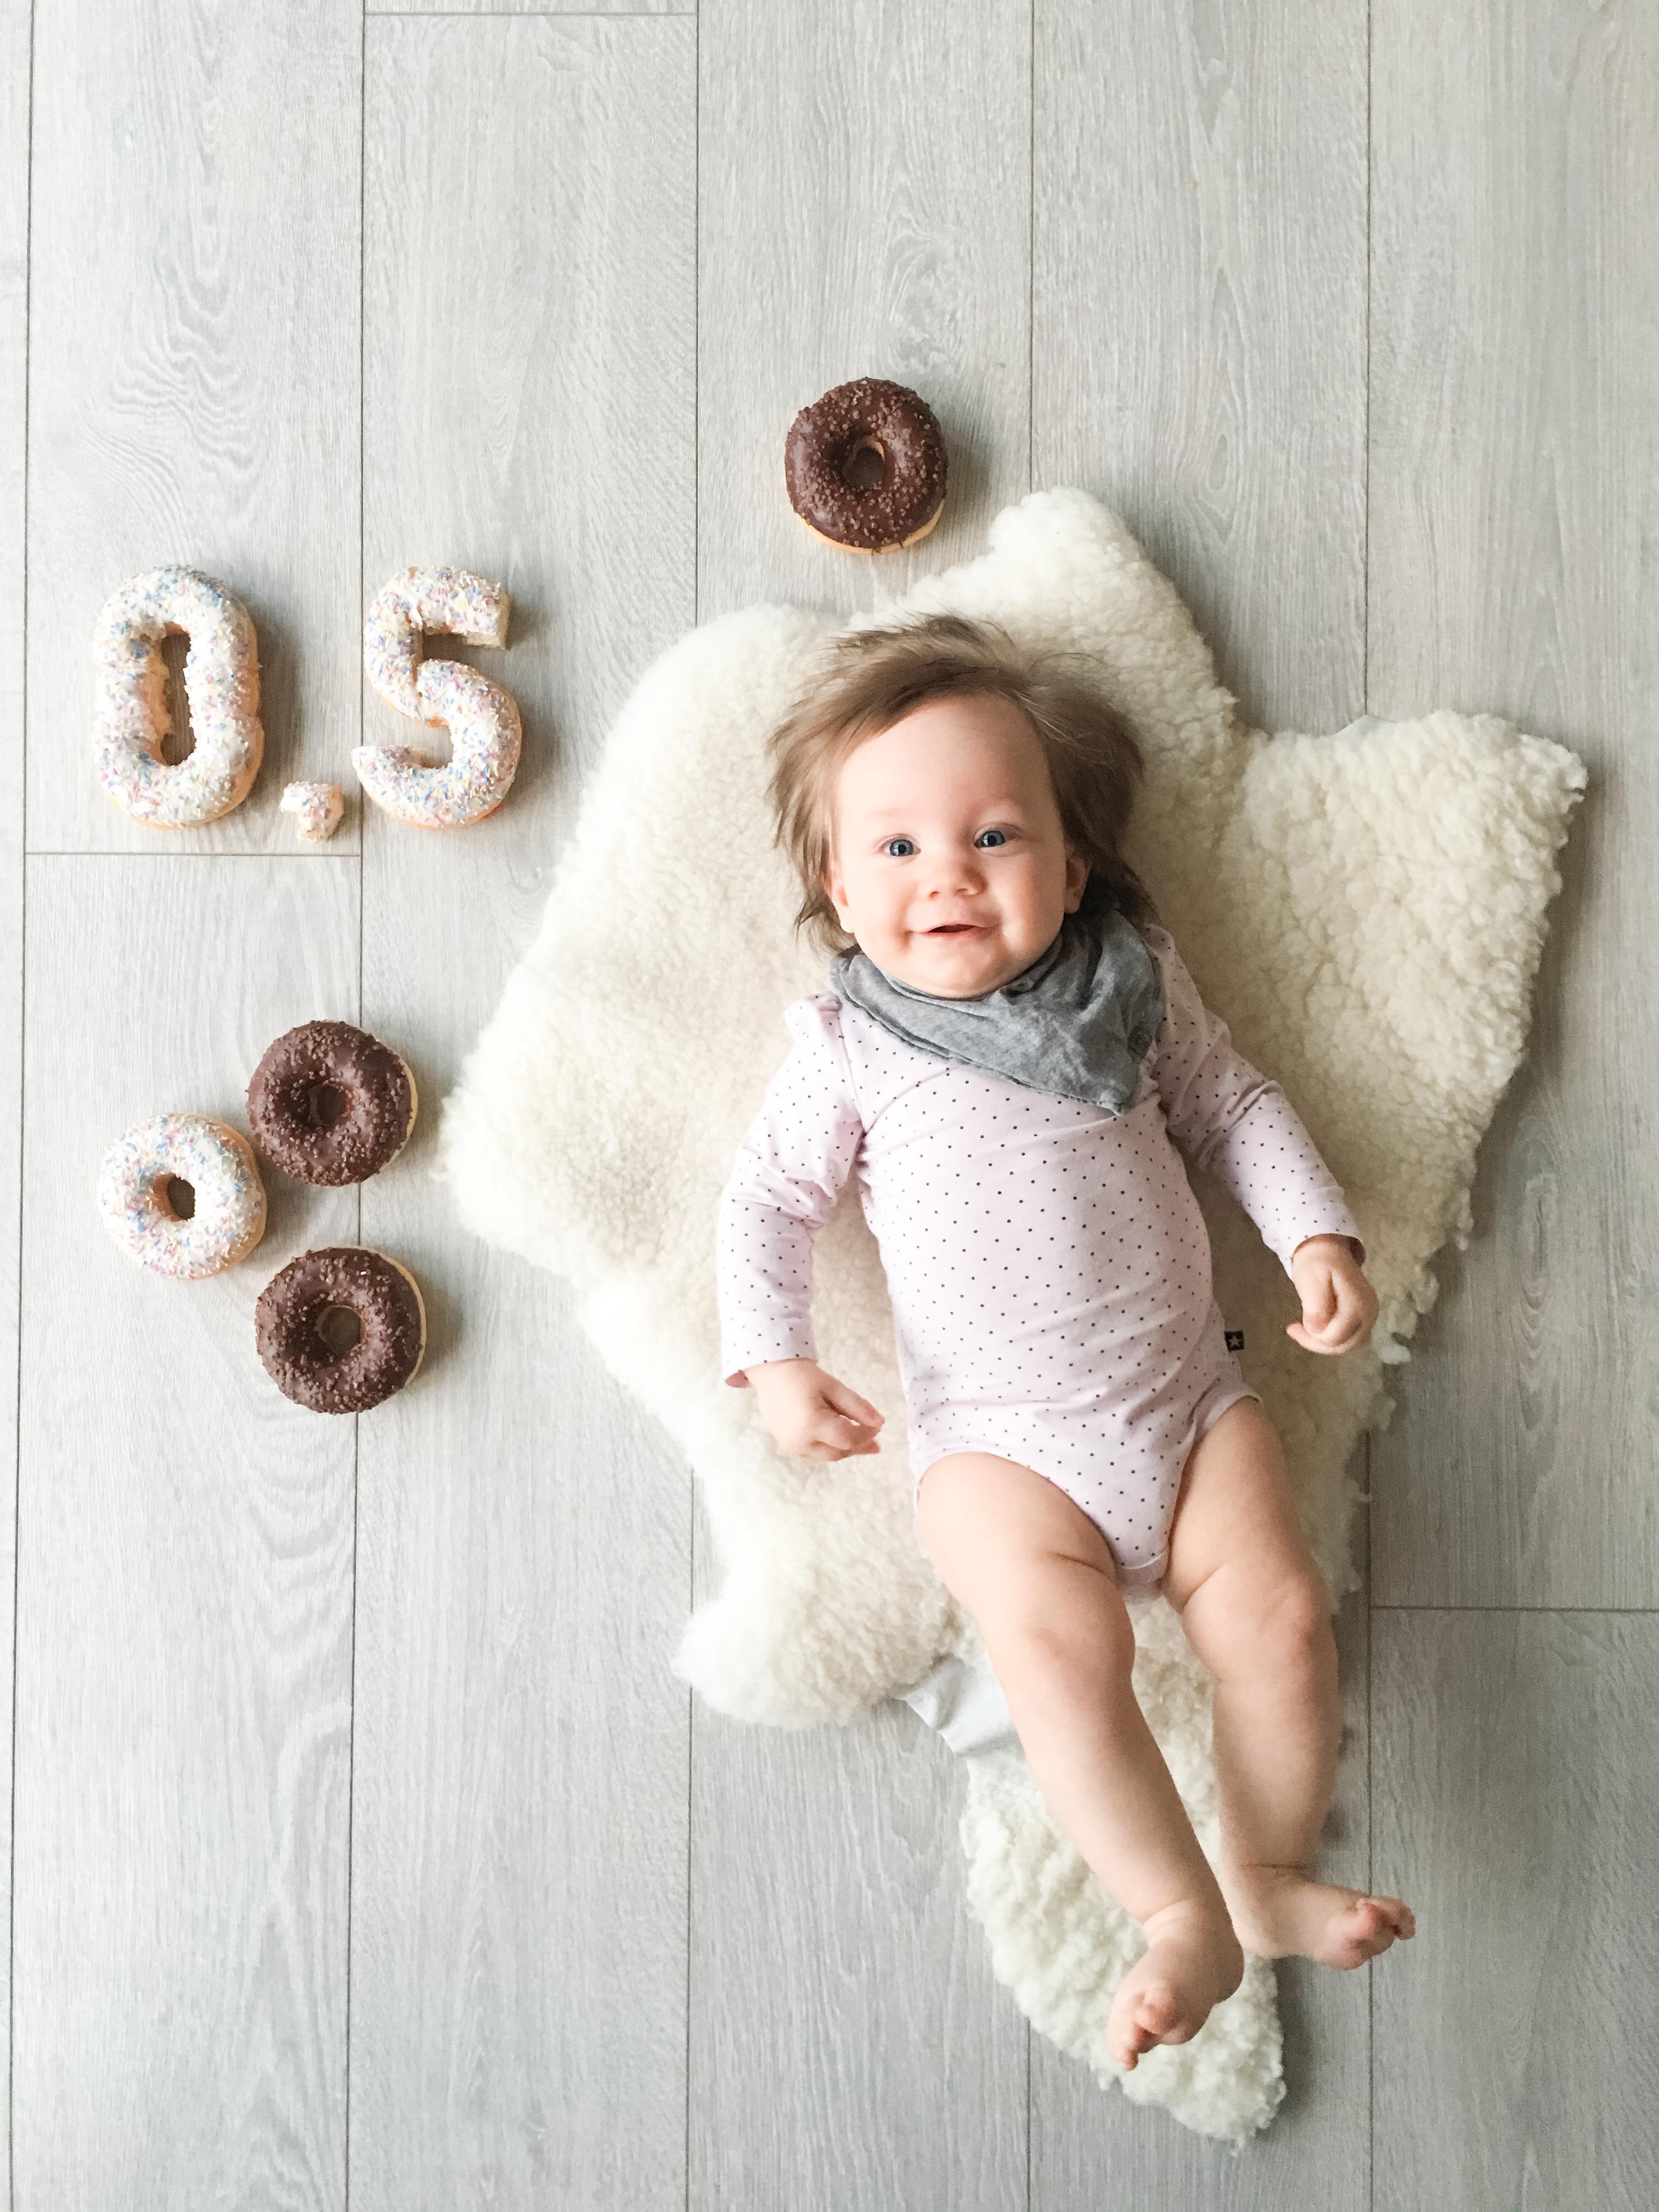 Hej torsdag och donuts på golvet